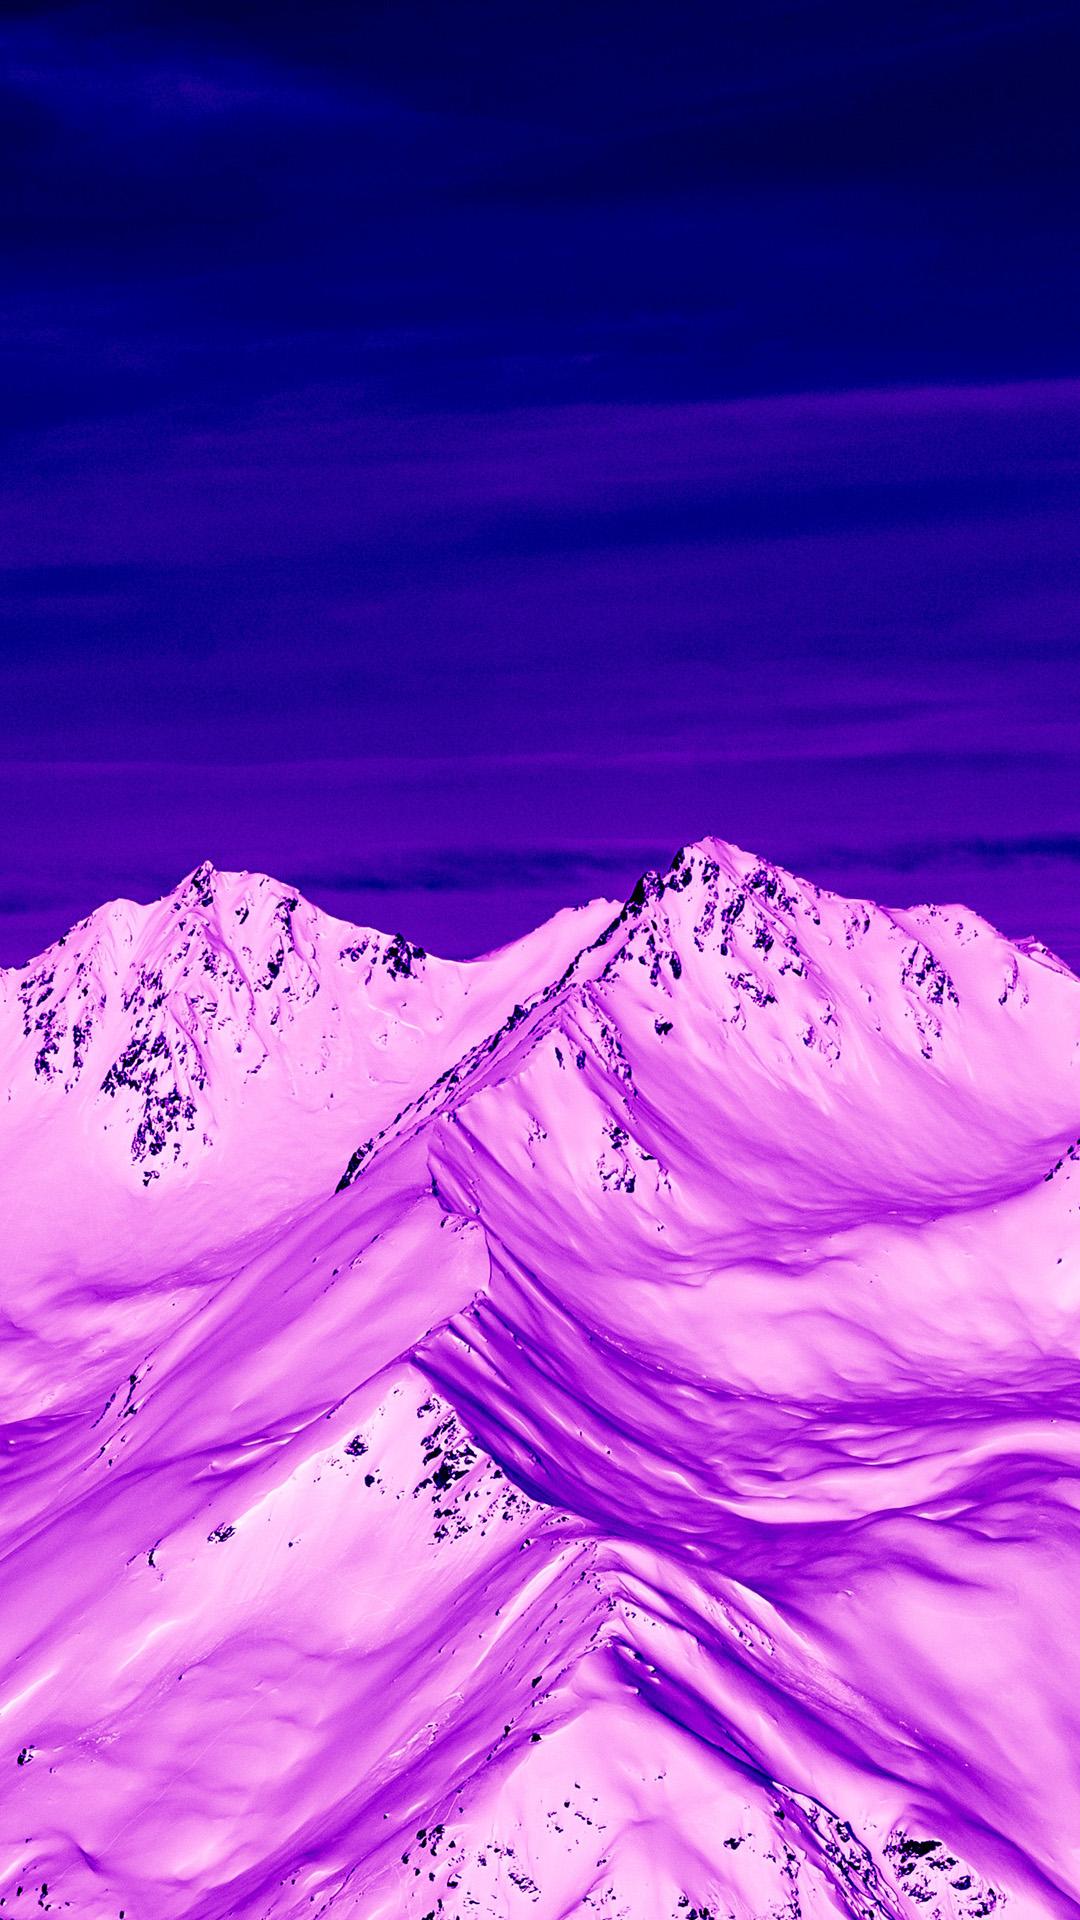 雪山 滤镜 紫色调 风景 苹果手机高清壁纸 1080x1920